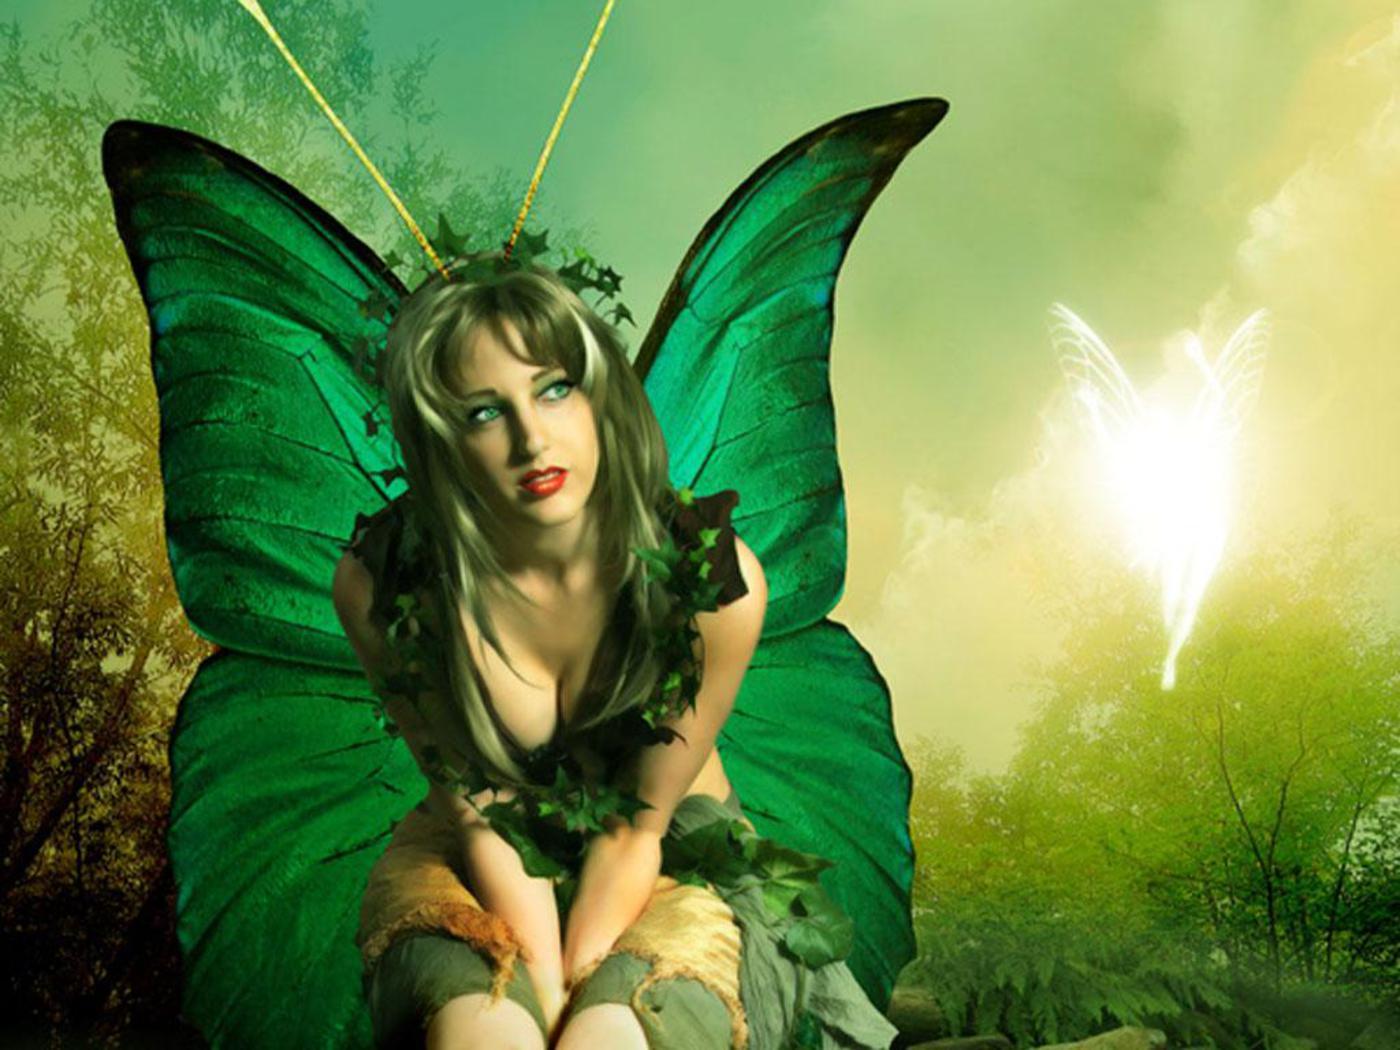 Green Butterfly Fairy Angel Wallpaper 1400x1050 Full HD Wallpapers 1400x1050